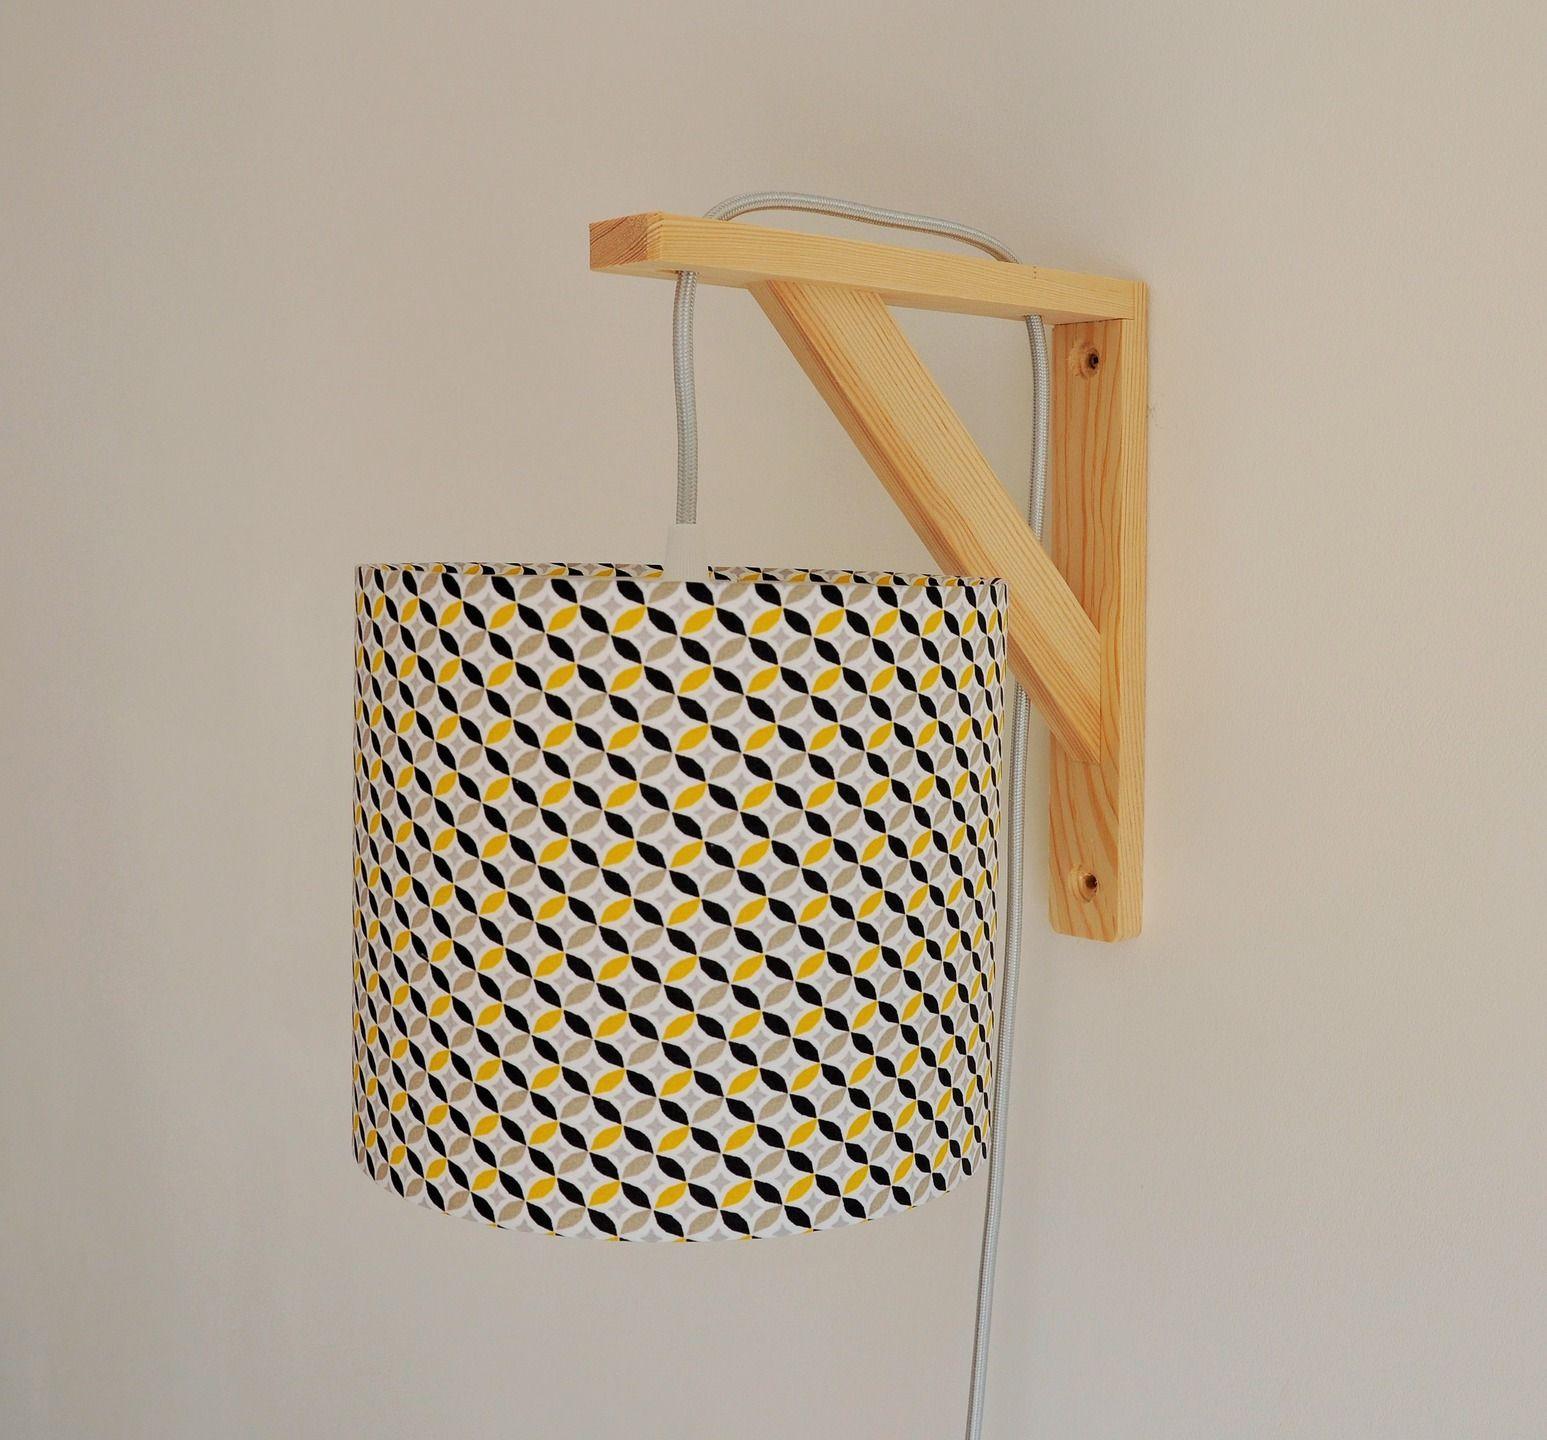 Lampe Equerre Applique Murale Formes Geometriques Jaune Et